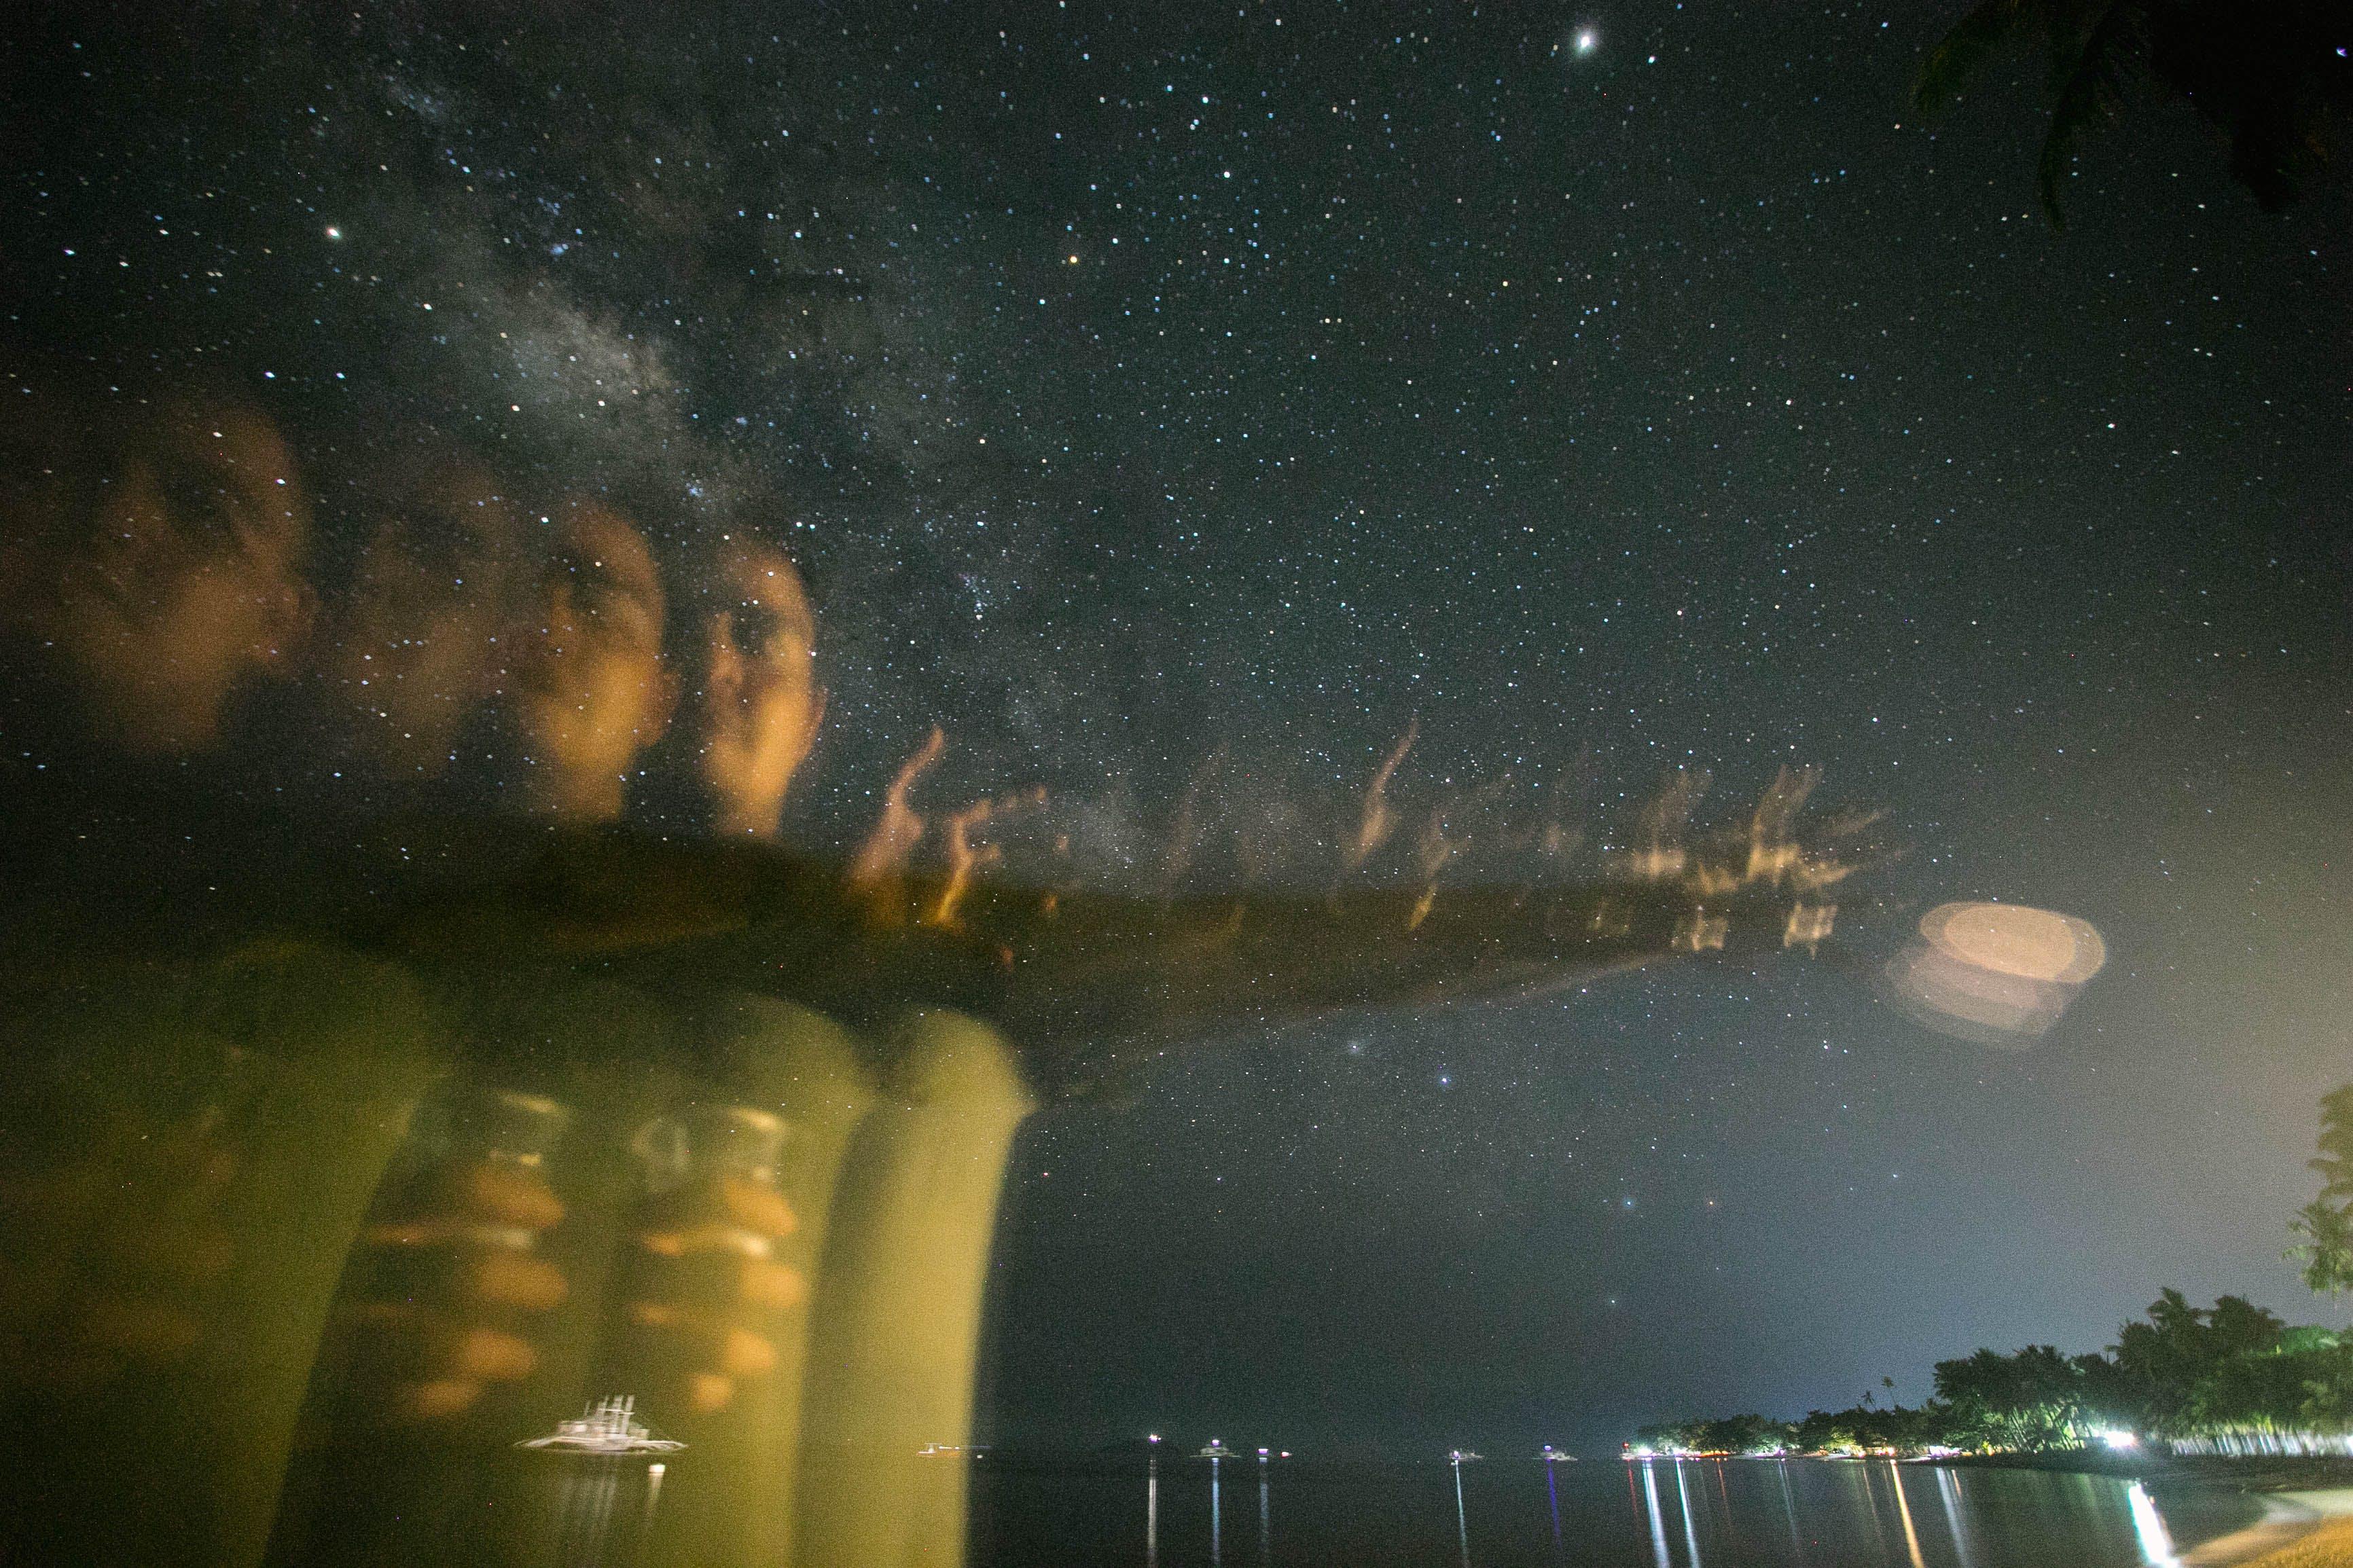 Gratis lagerfoto af galakse, stjerner